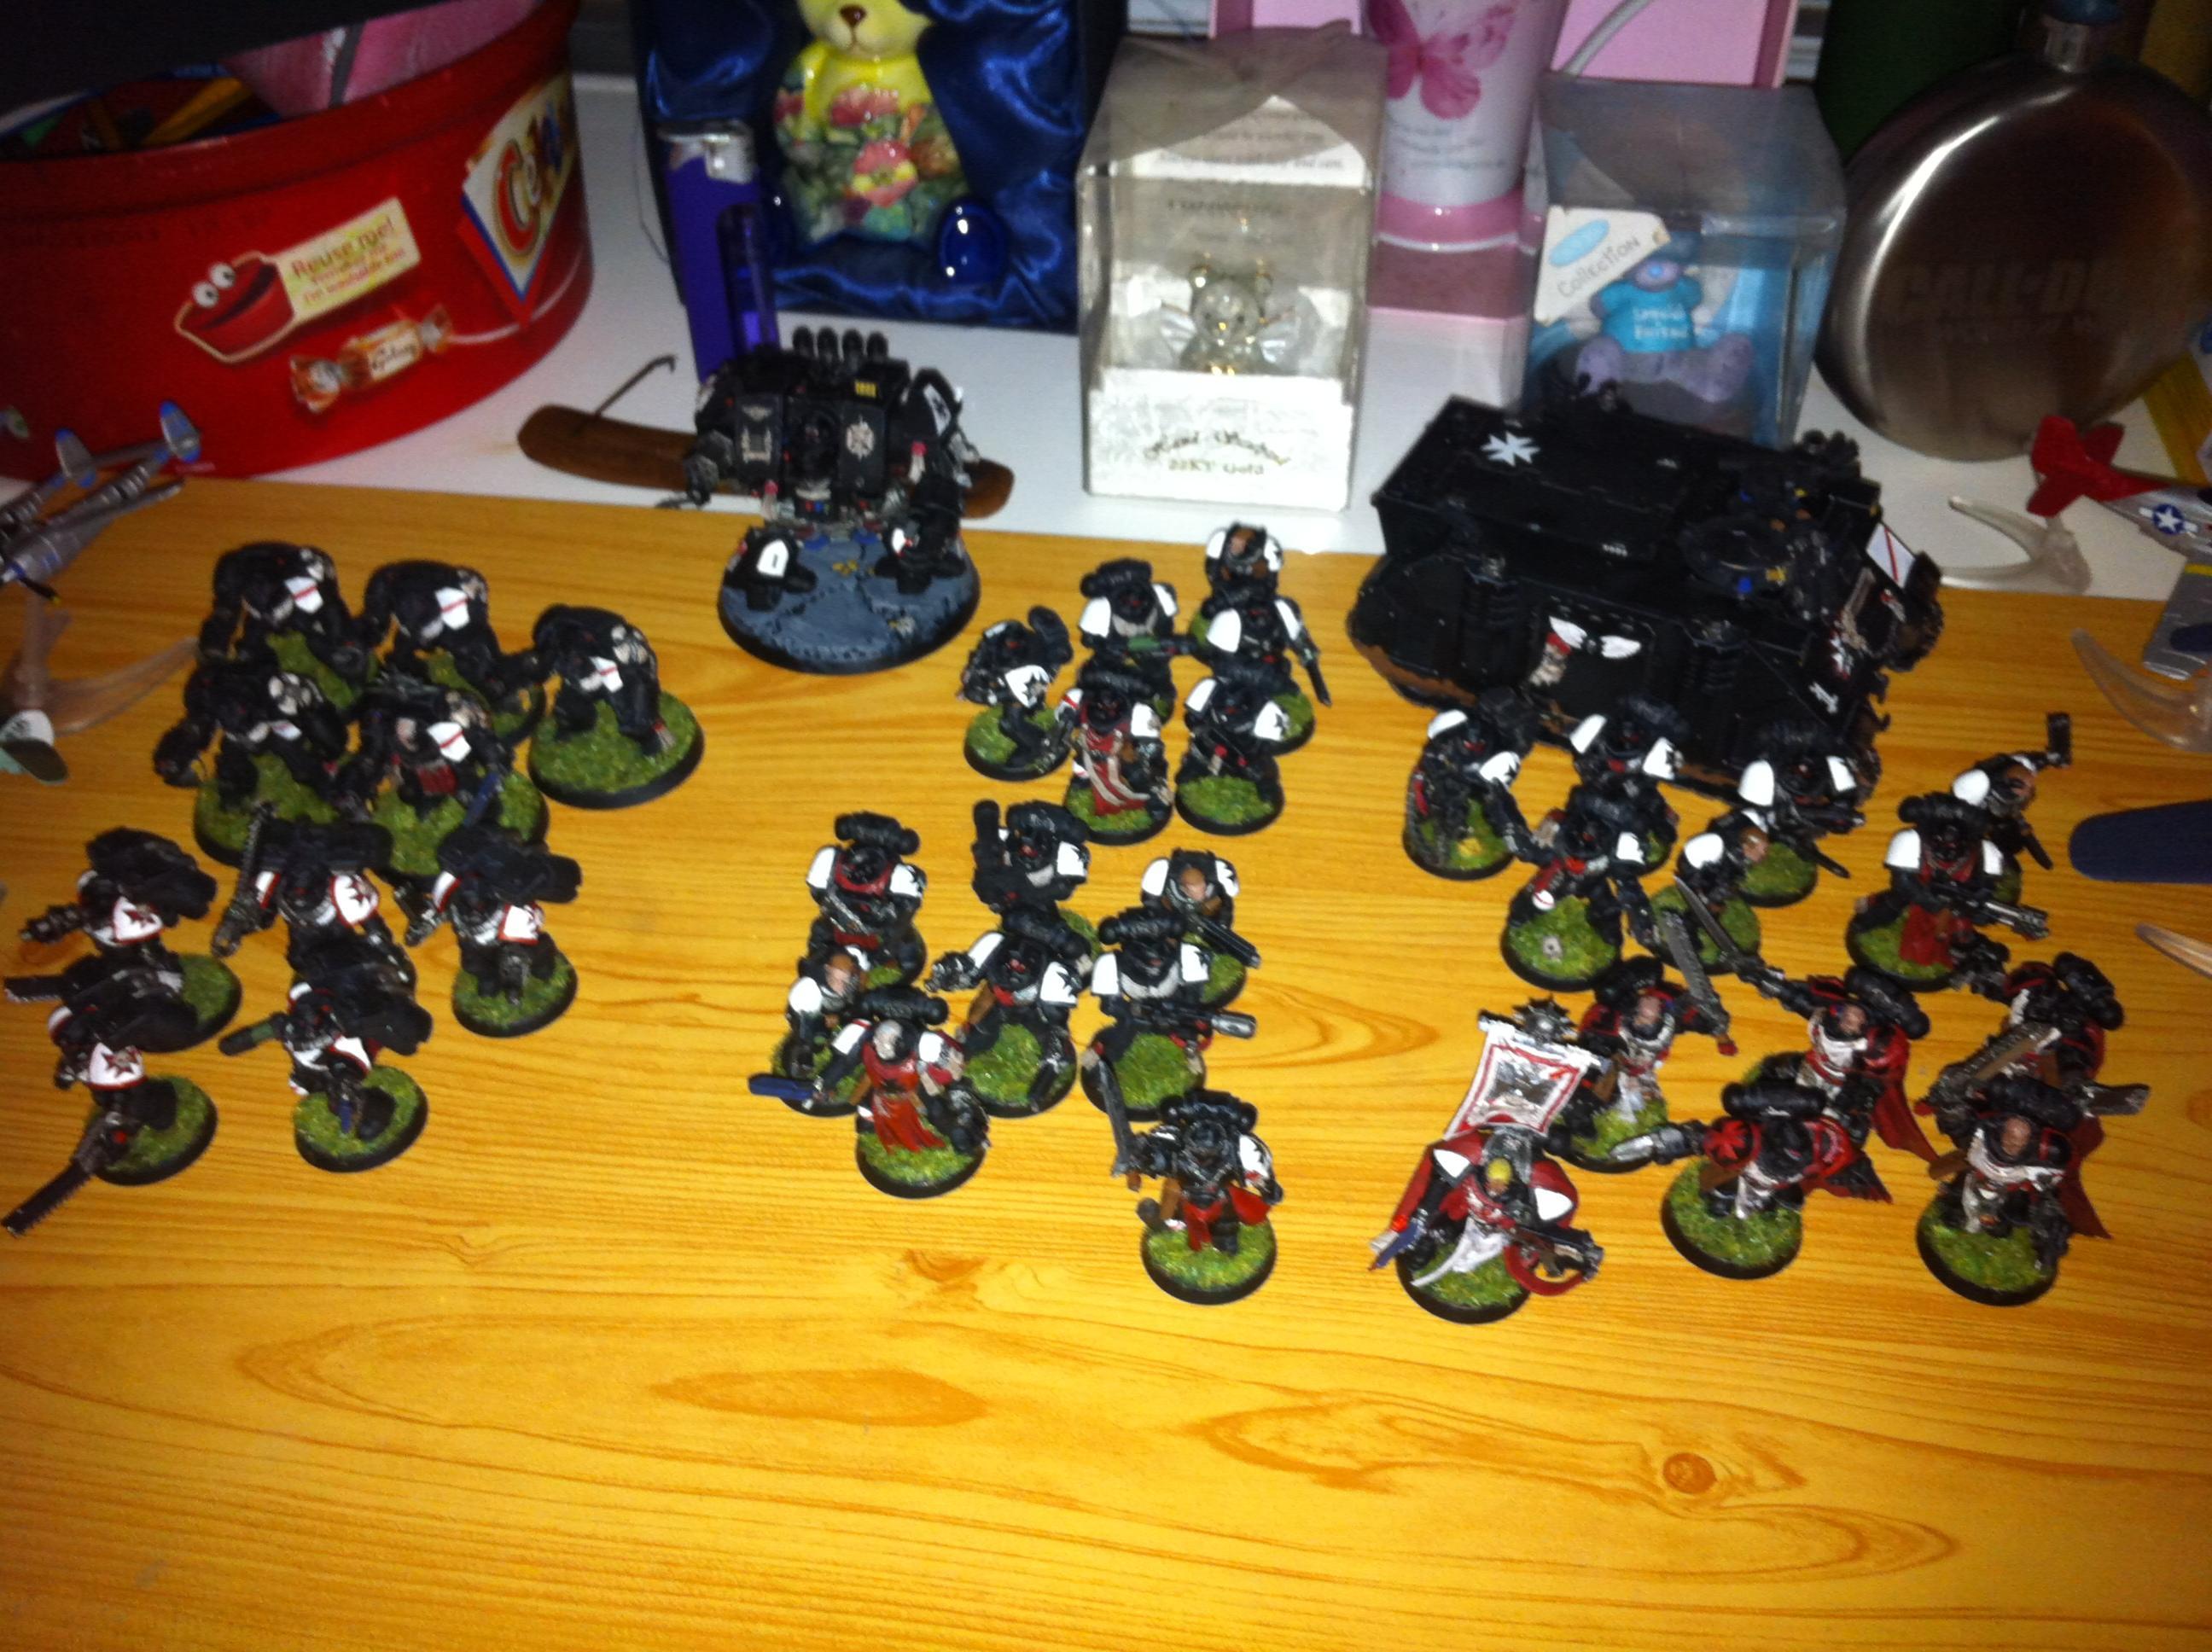 Black Templars, Black templars so far